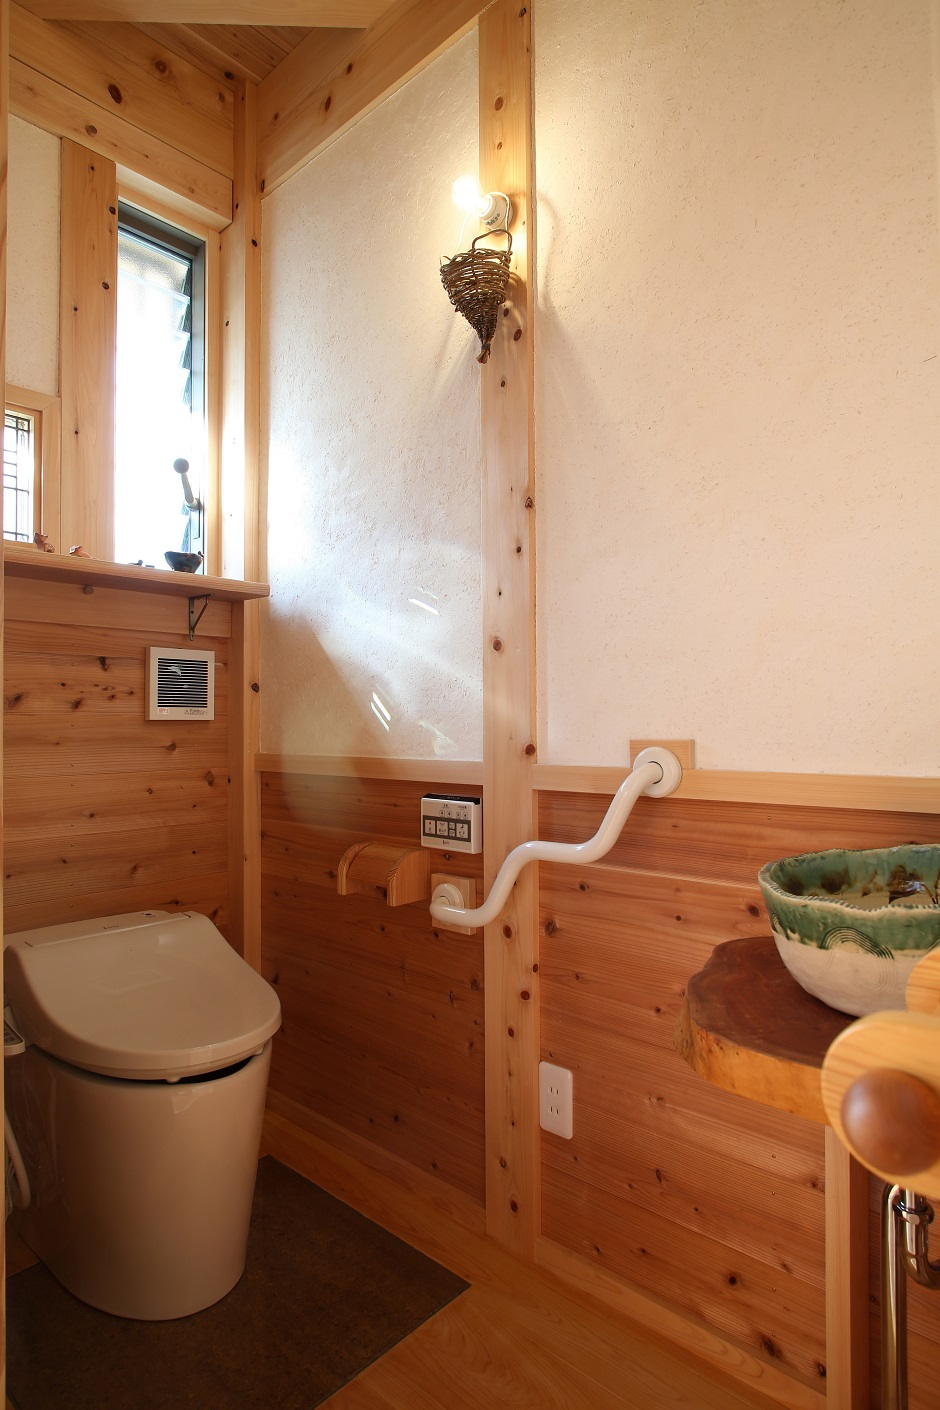 トイレは陶器の洗面ボウルが印象的な空間。窓から注ぐ太陽の光が優しく、ほっとくつろげる